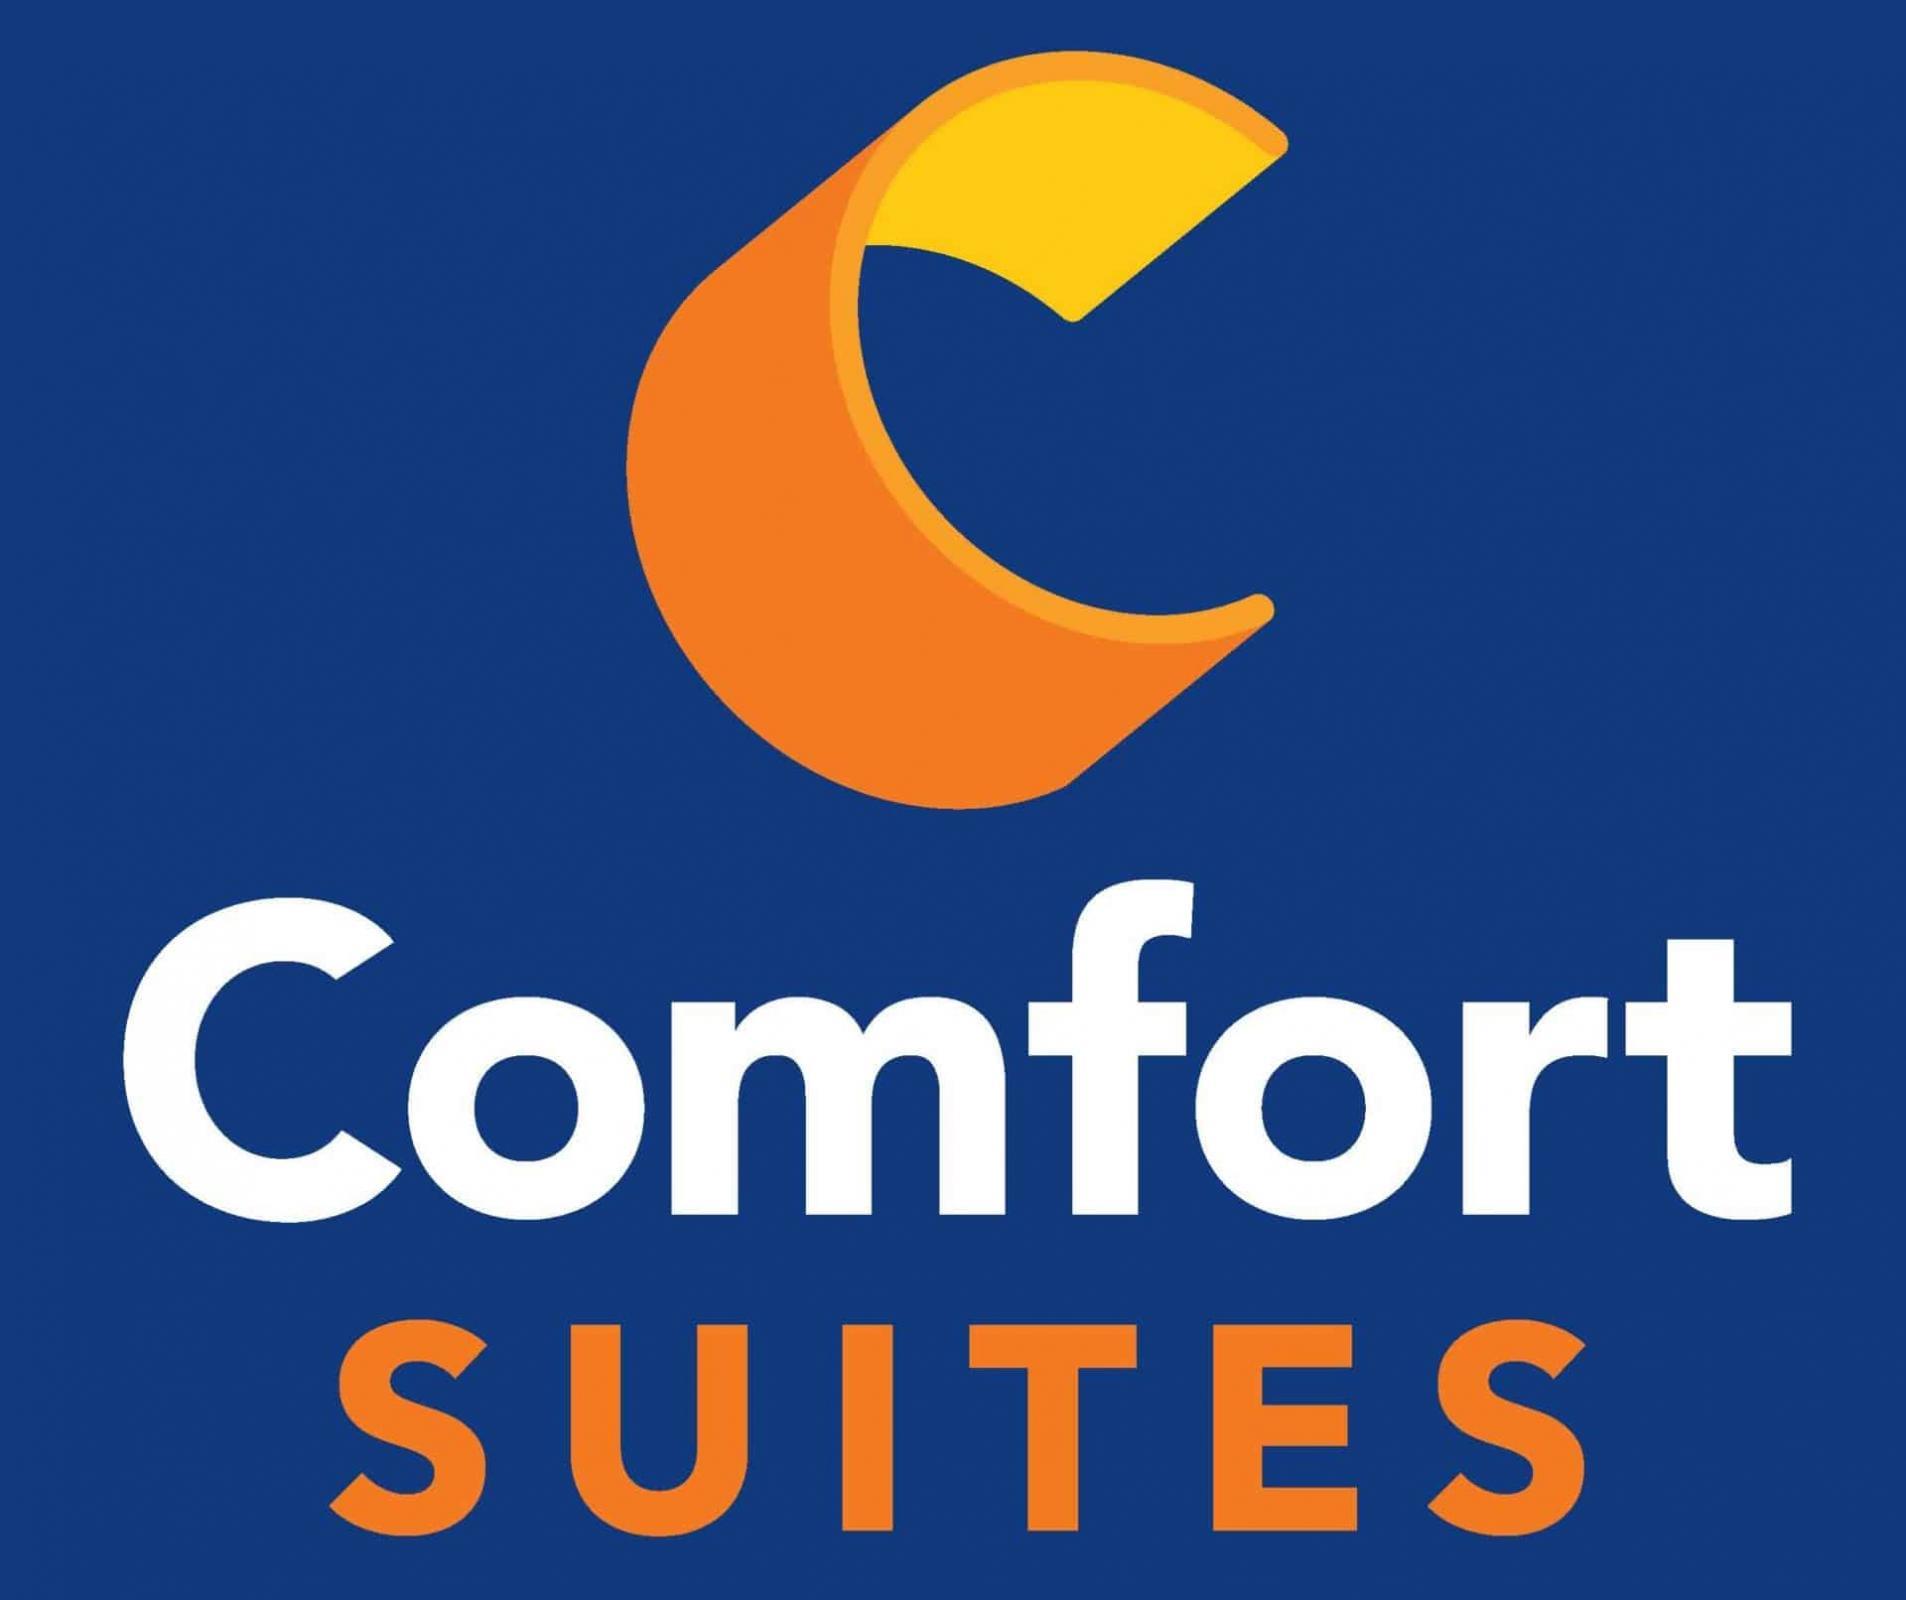 Comfort Suites Slide Image